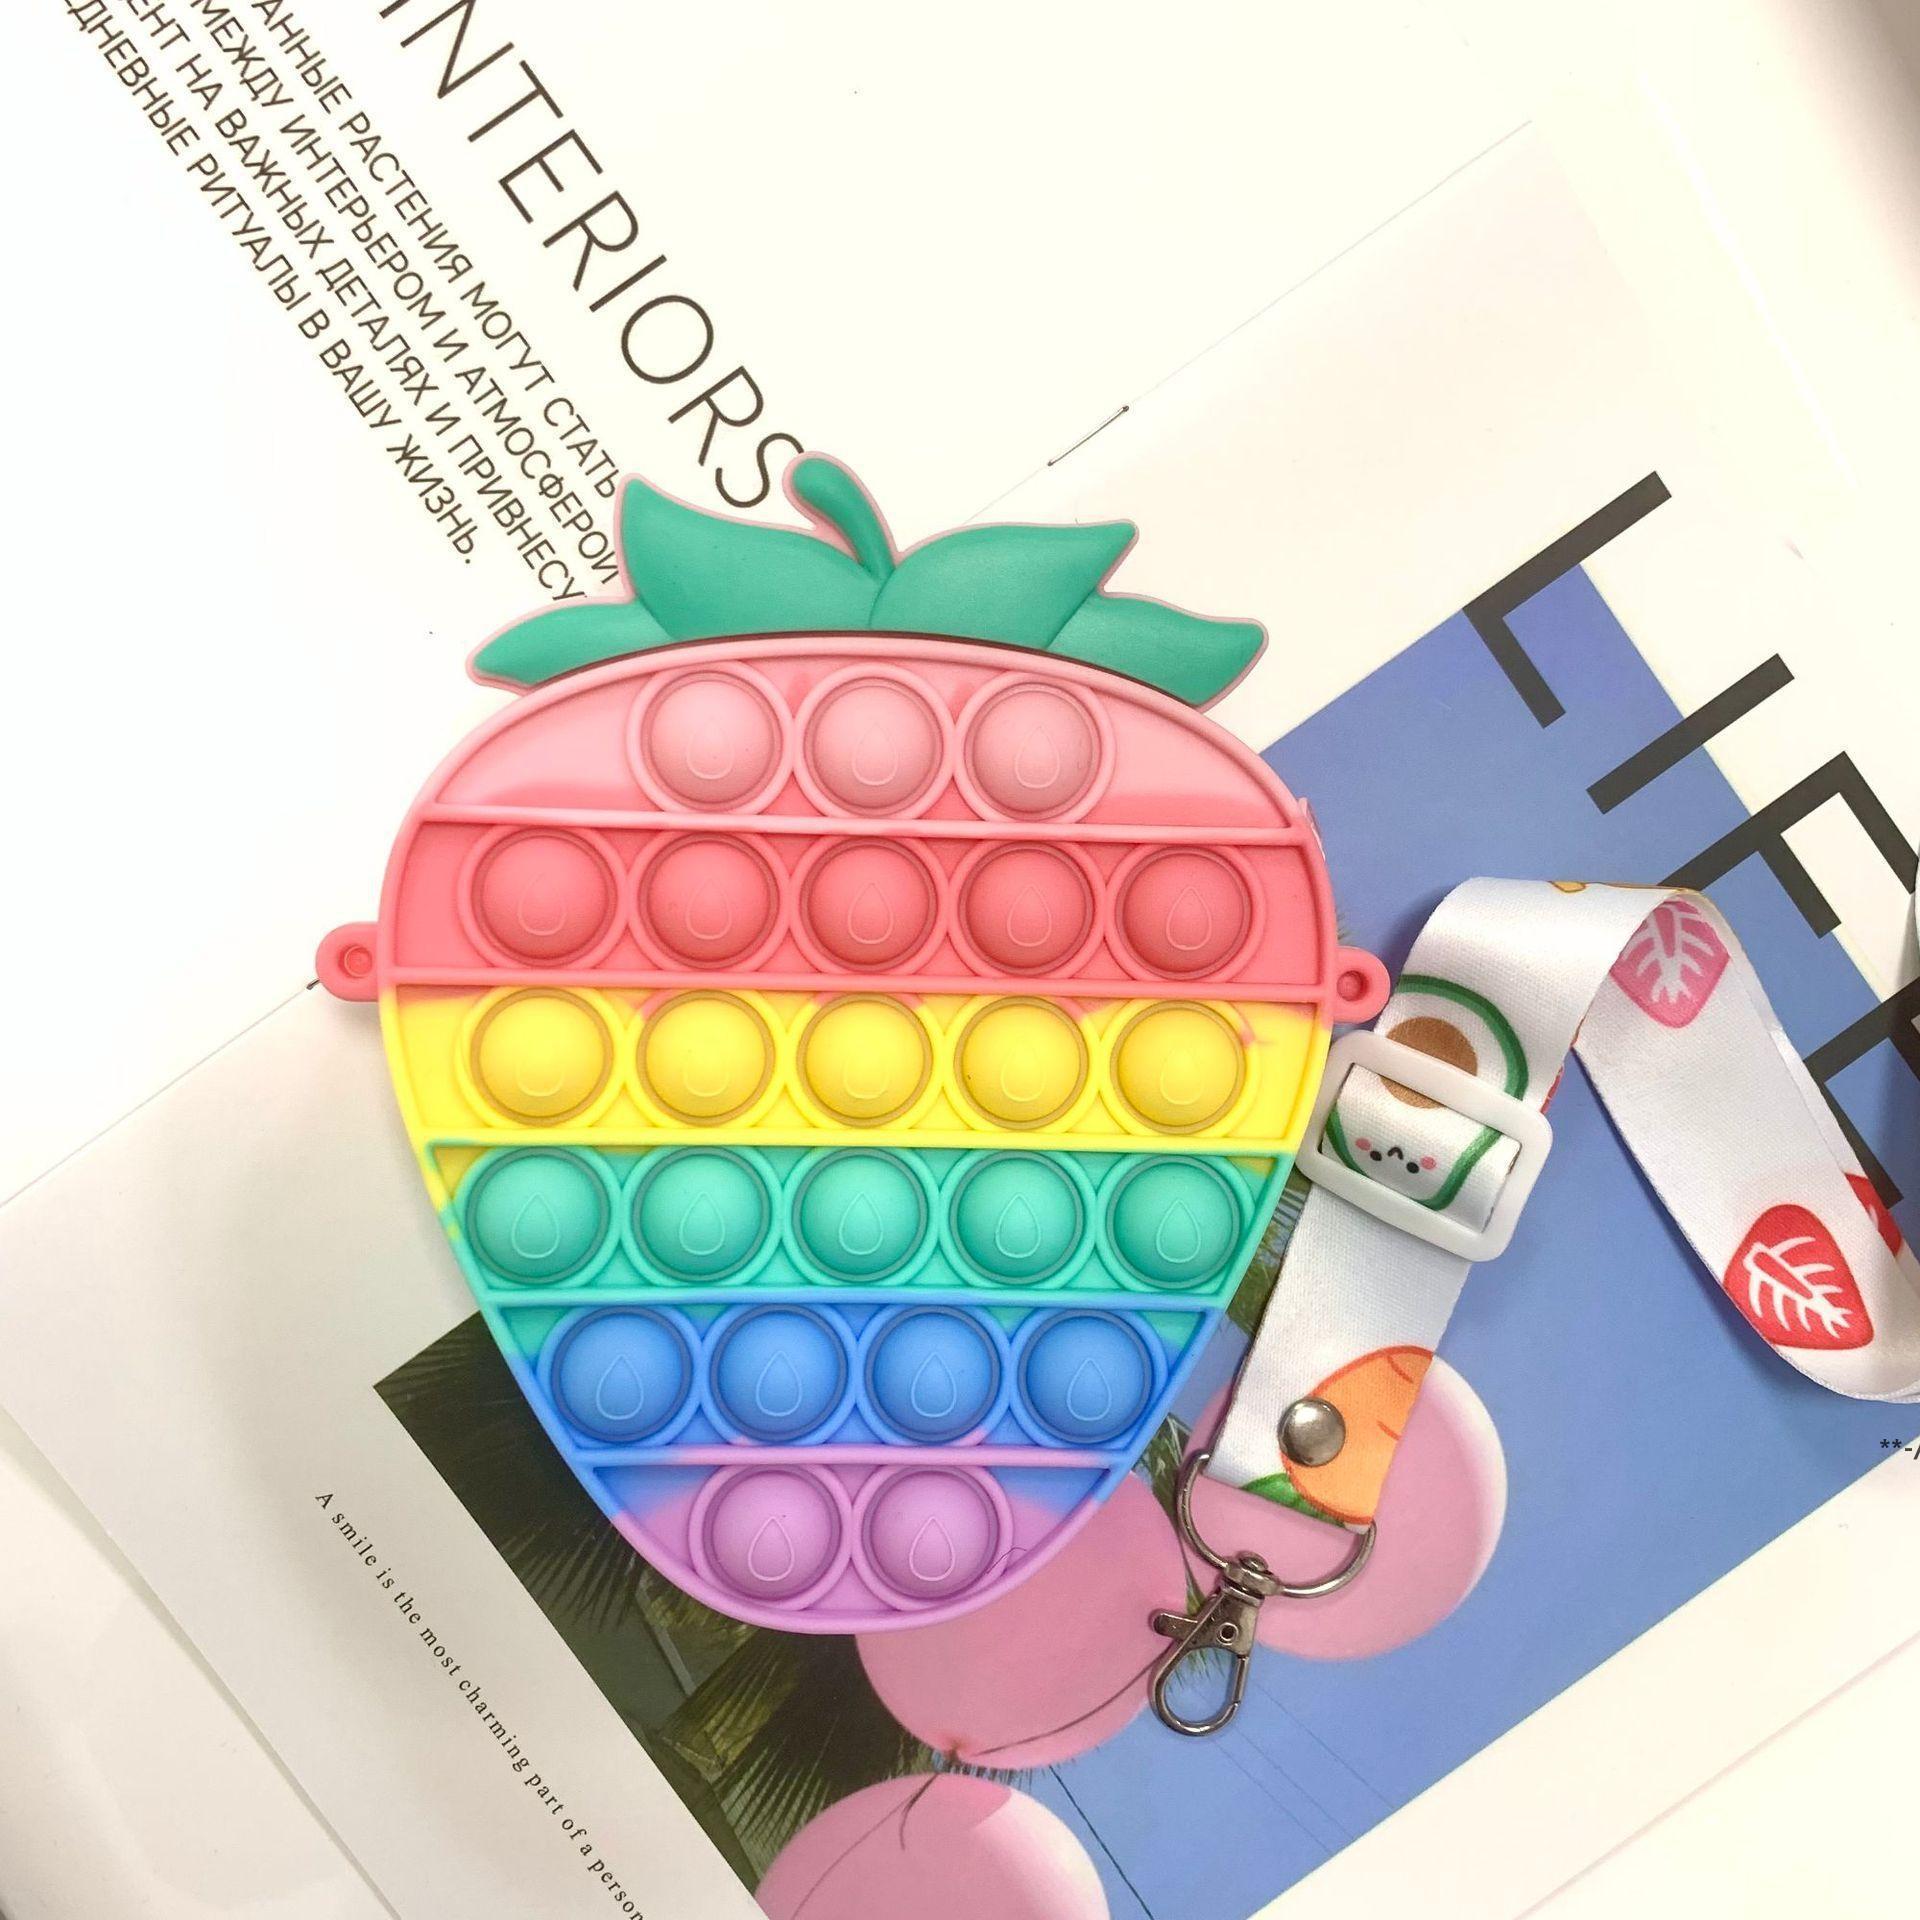 Fidget игрушки монеты монеты кошелек красочные толчок пузырькового сенсорного душистой стресс-рельефный аутизм нуждается в борьбе с напряжением радуги взрослых игрушка маленькие сумки HHA8407